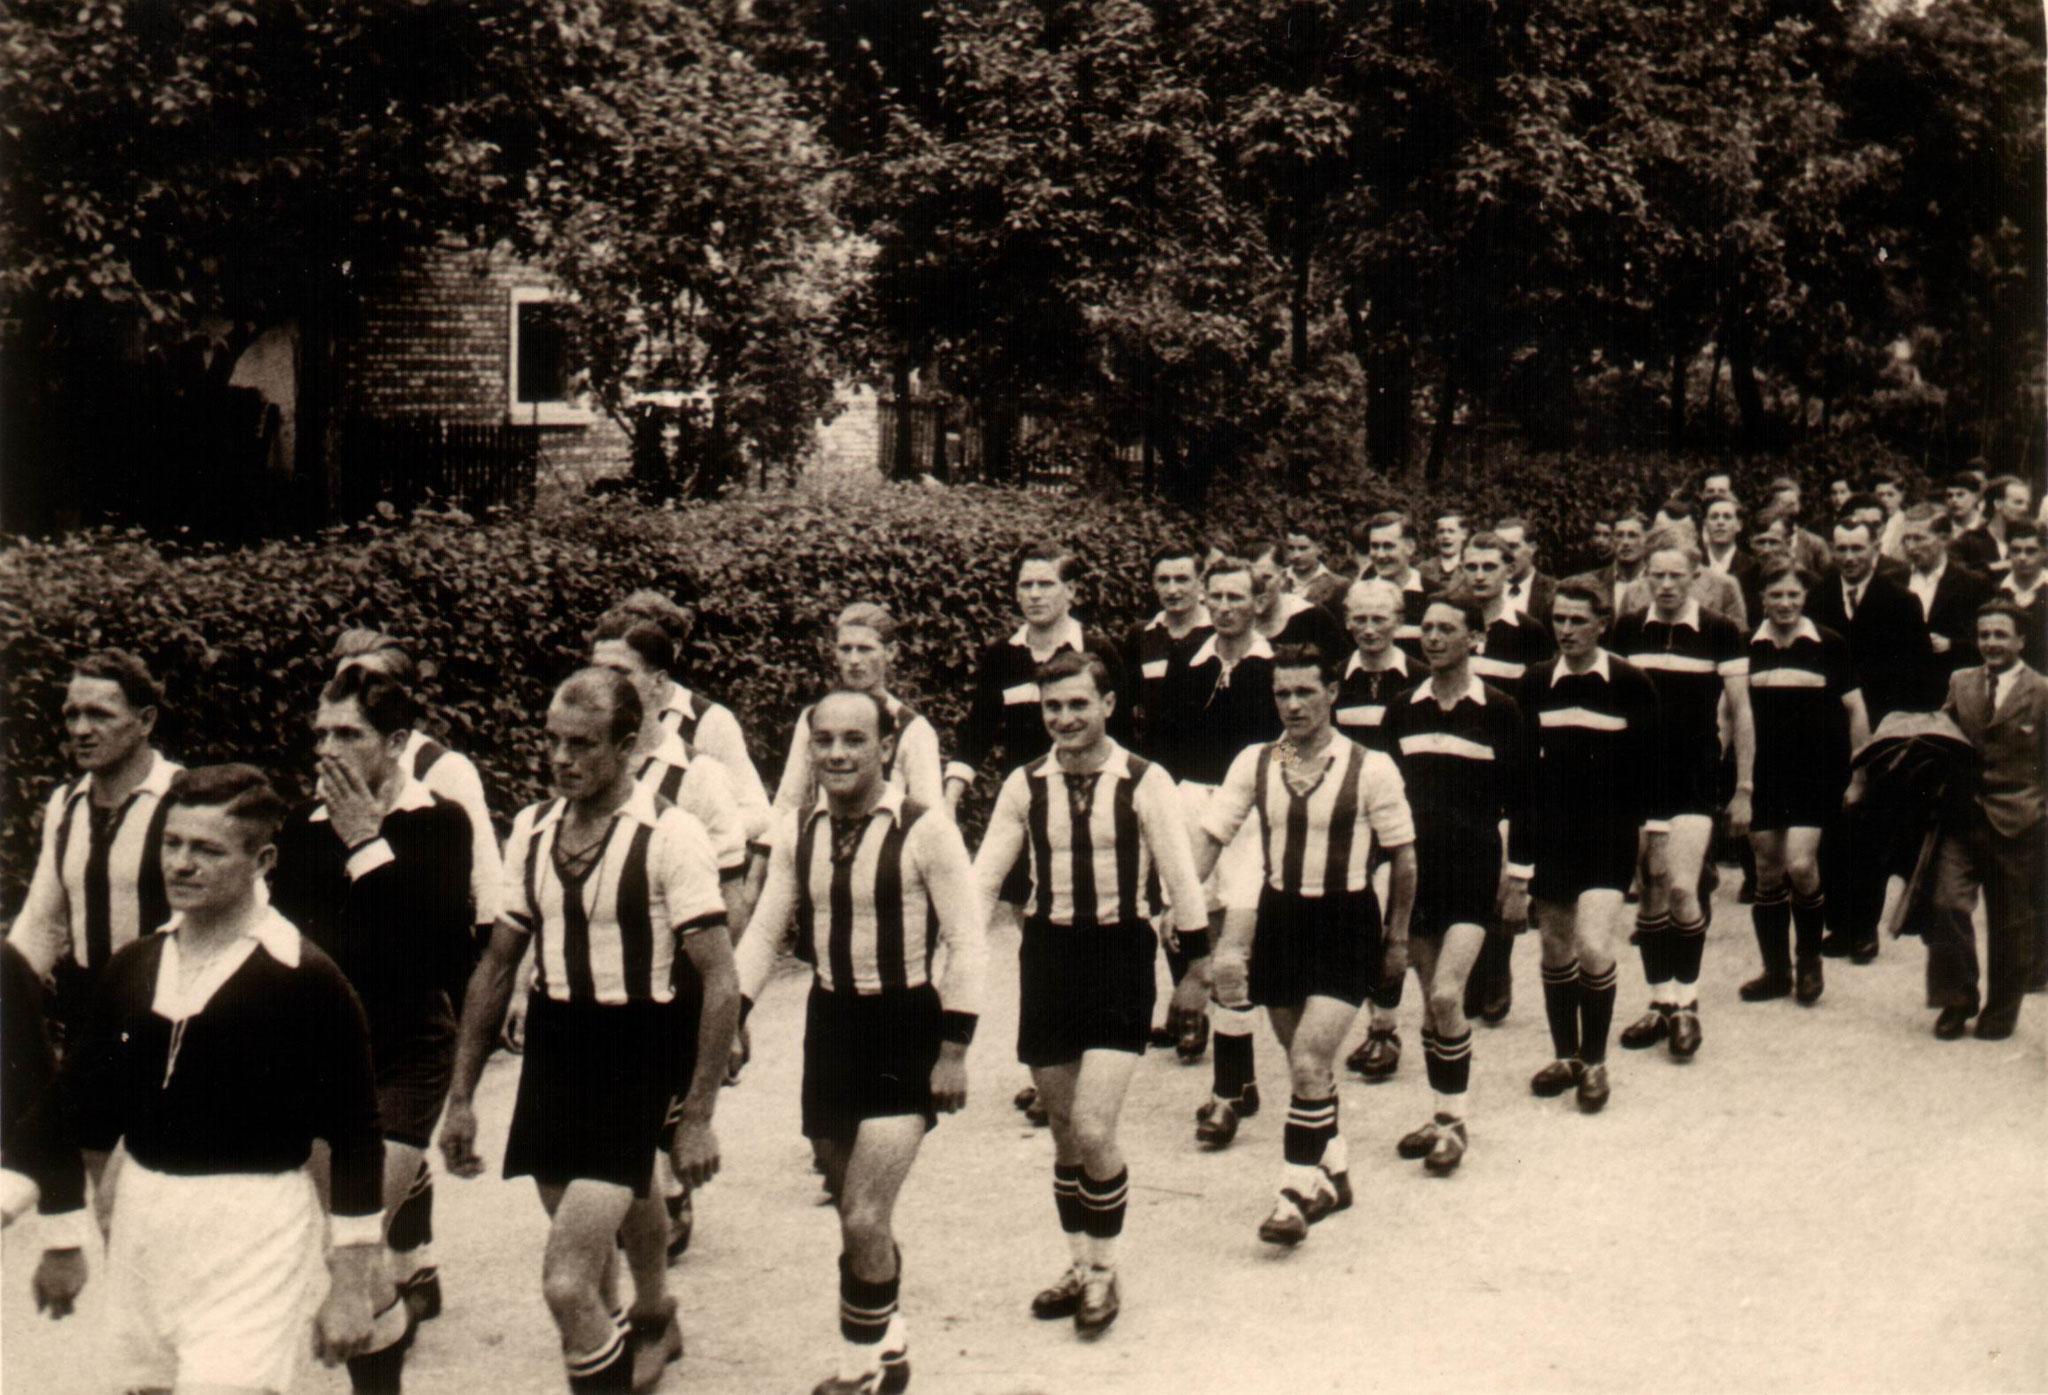 Sportfest 1949 -   1 und 2   Mannschaft - Umzug durchs Dorf